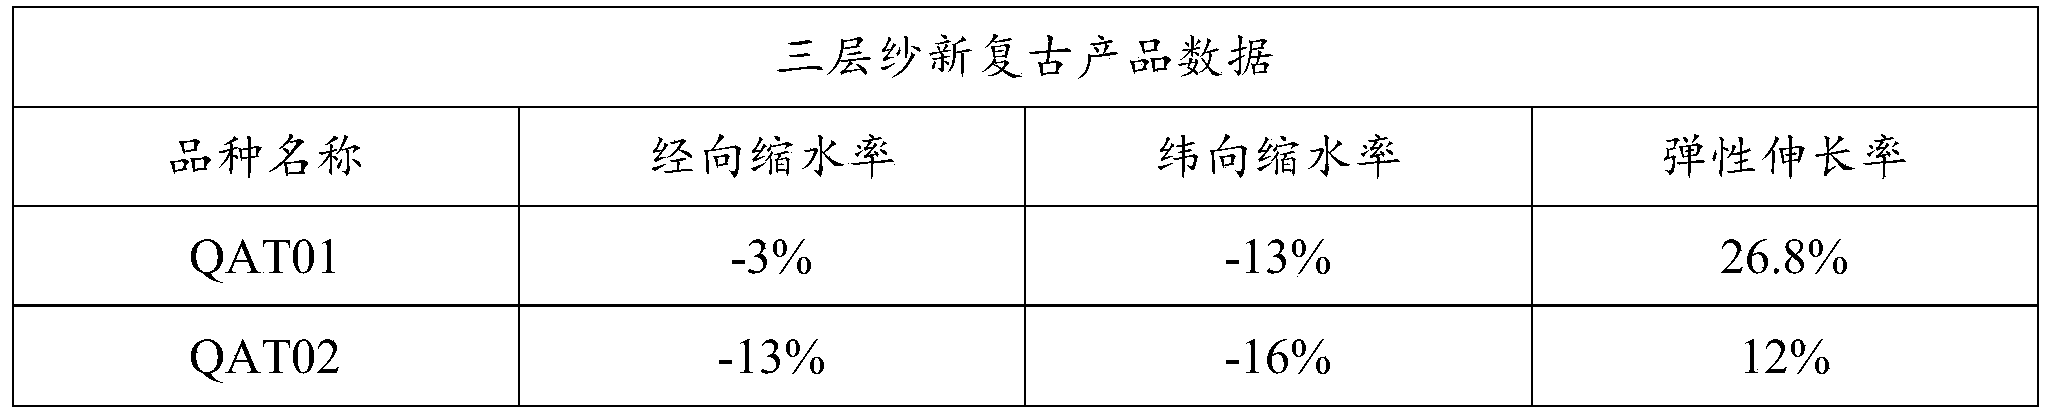 Figure PCTCN2019078519-appb-000002